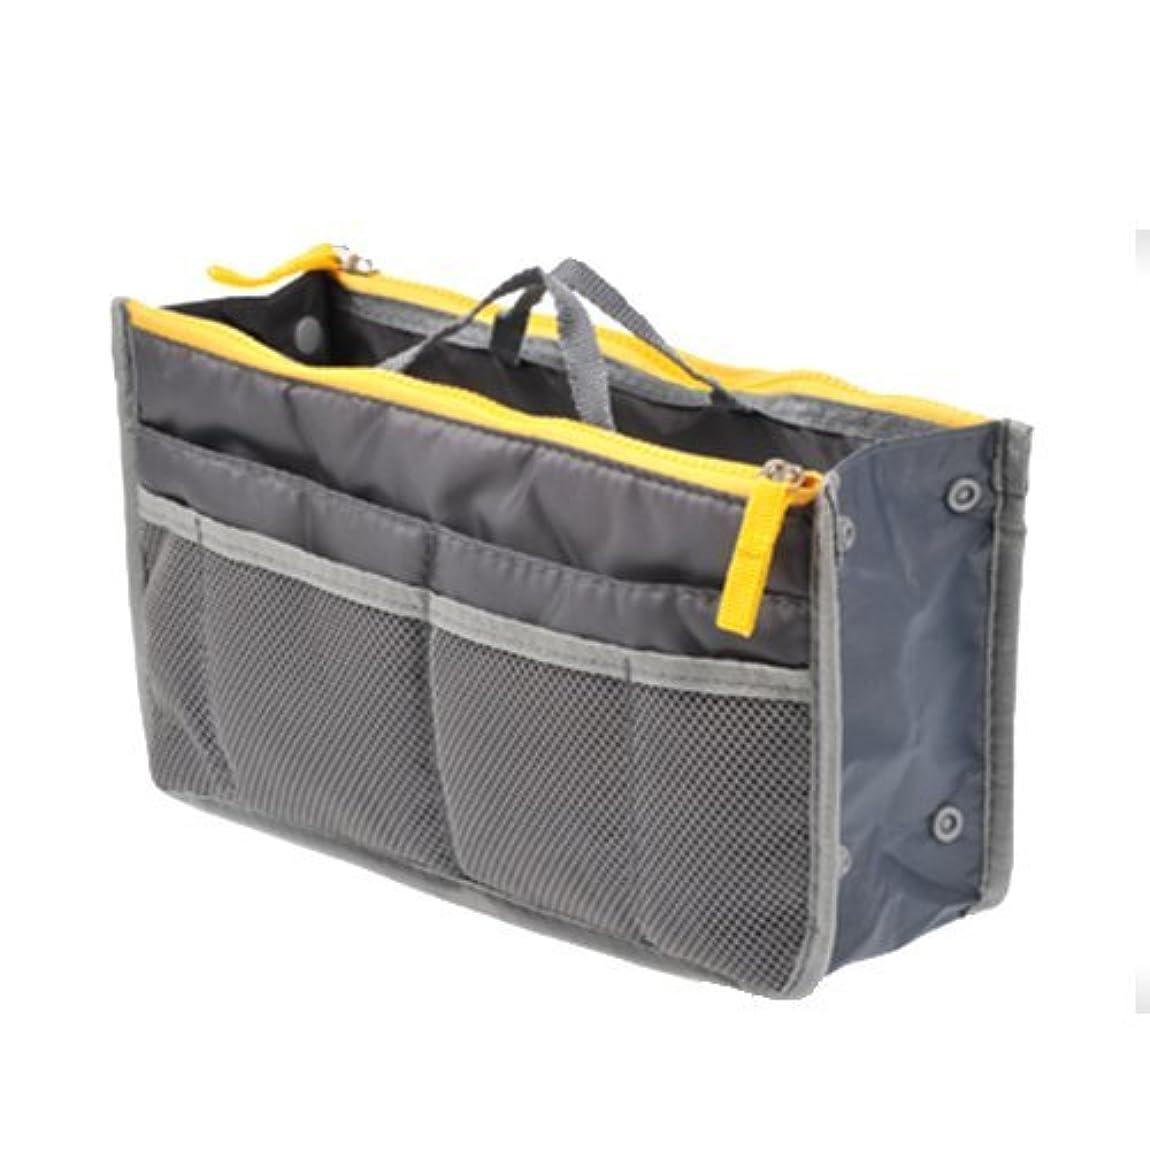 気体の誤解苗TENDOC 高品質 バッグでバッグを簡単収納 お財布 携帯などの必需品から手帳やペンもピッタリサイズ グレー